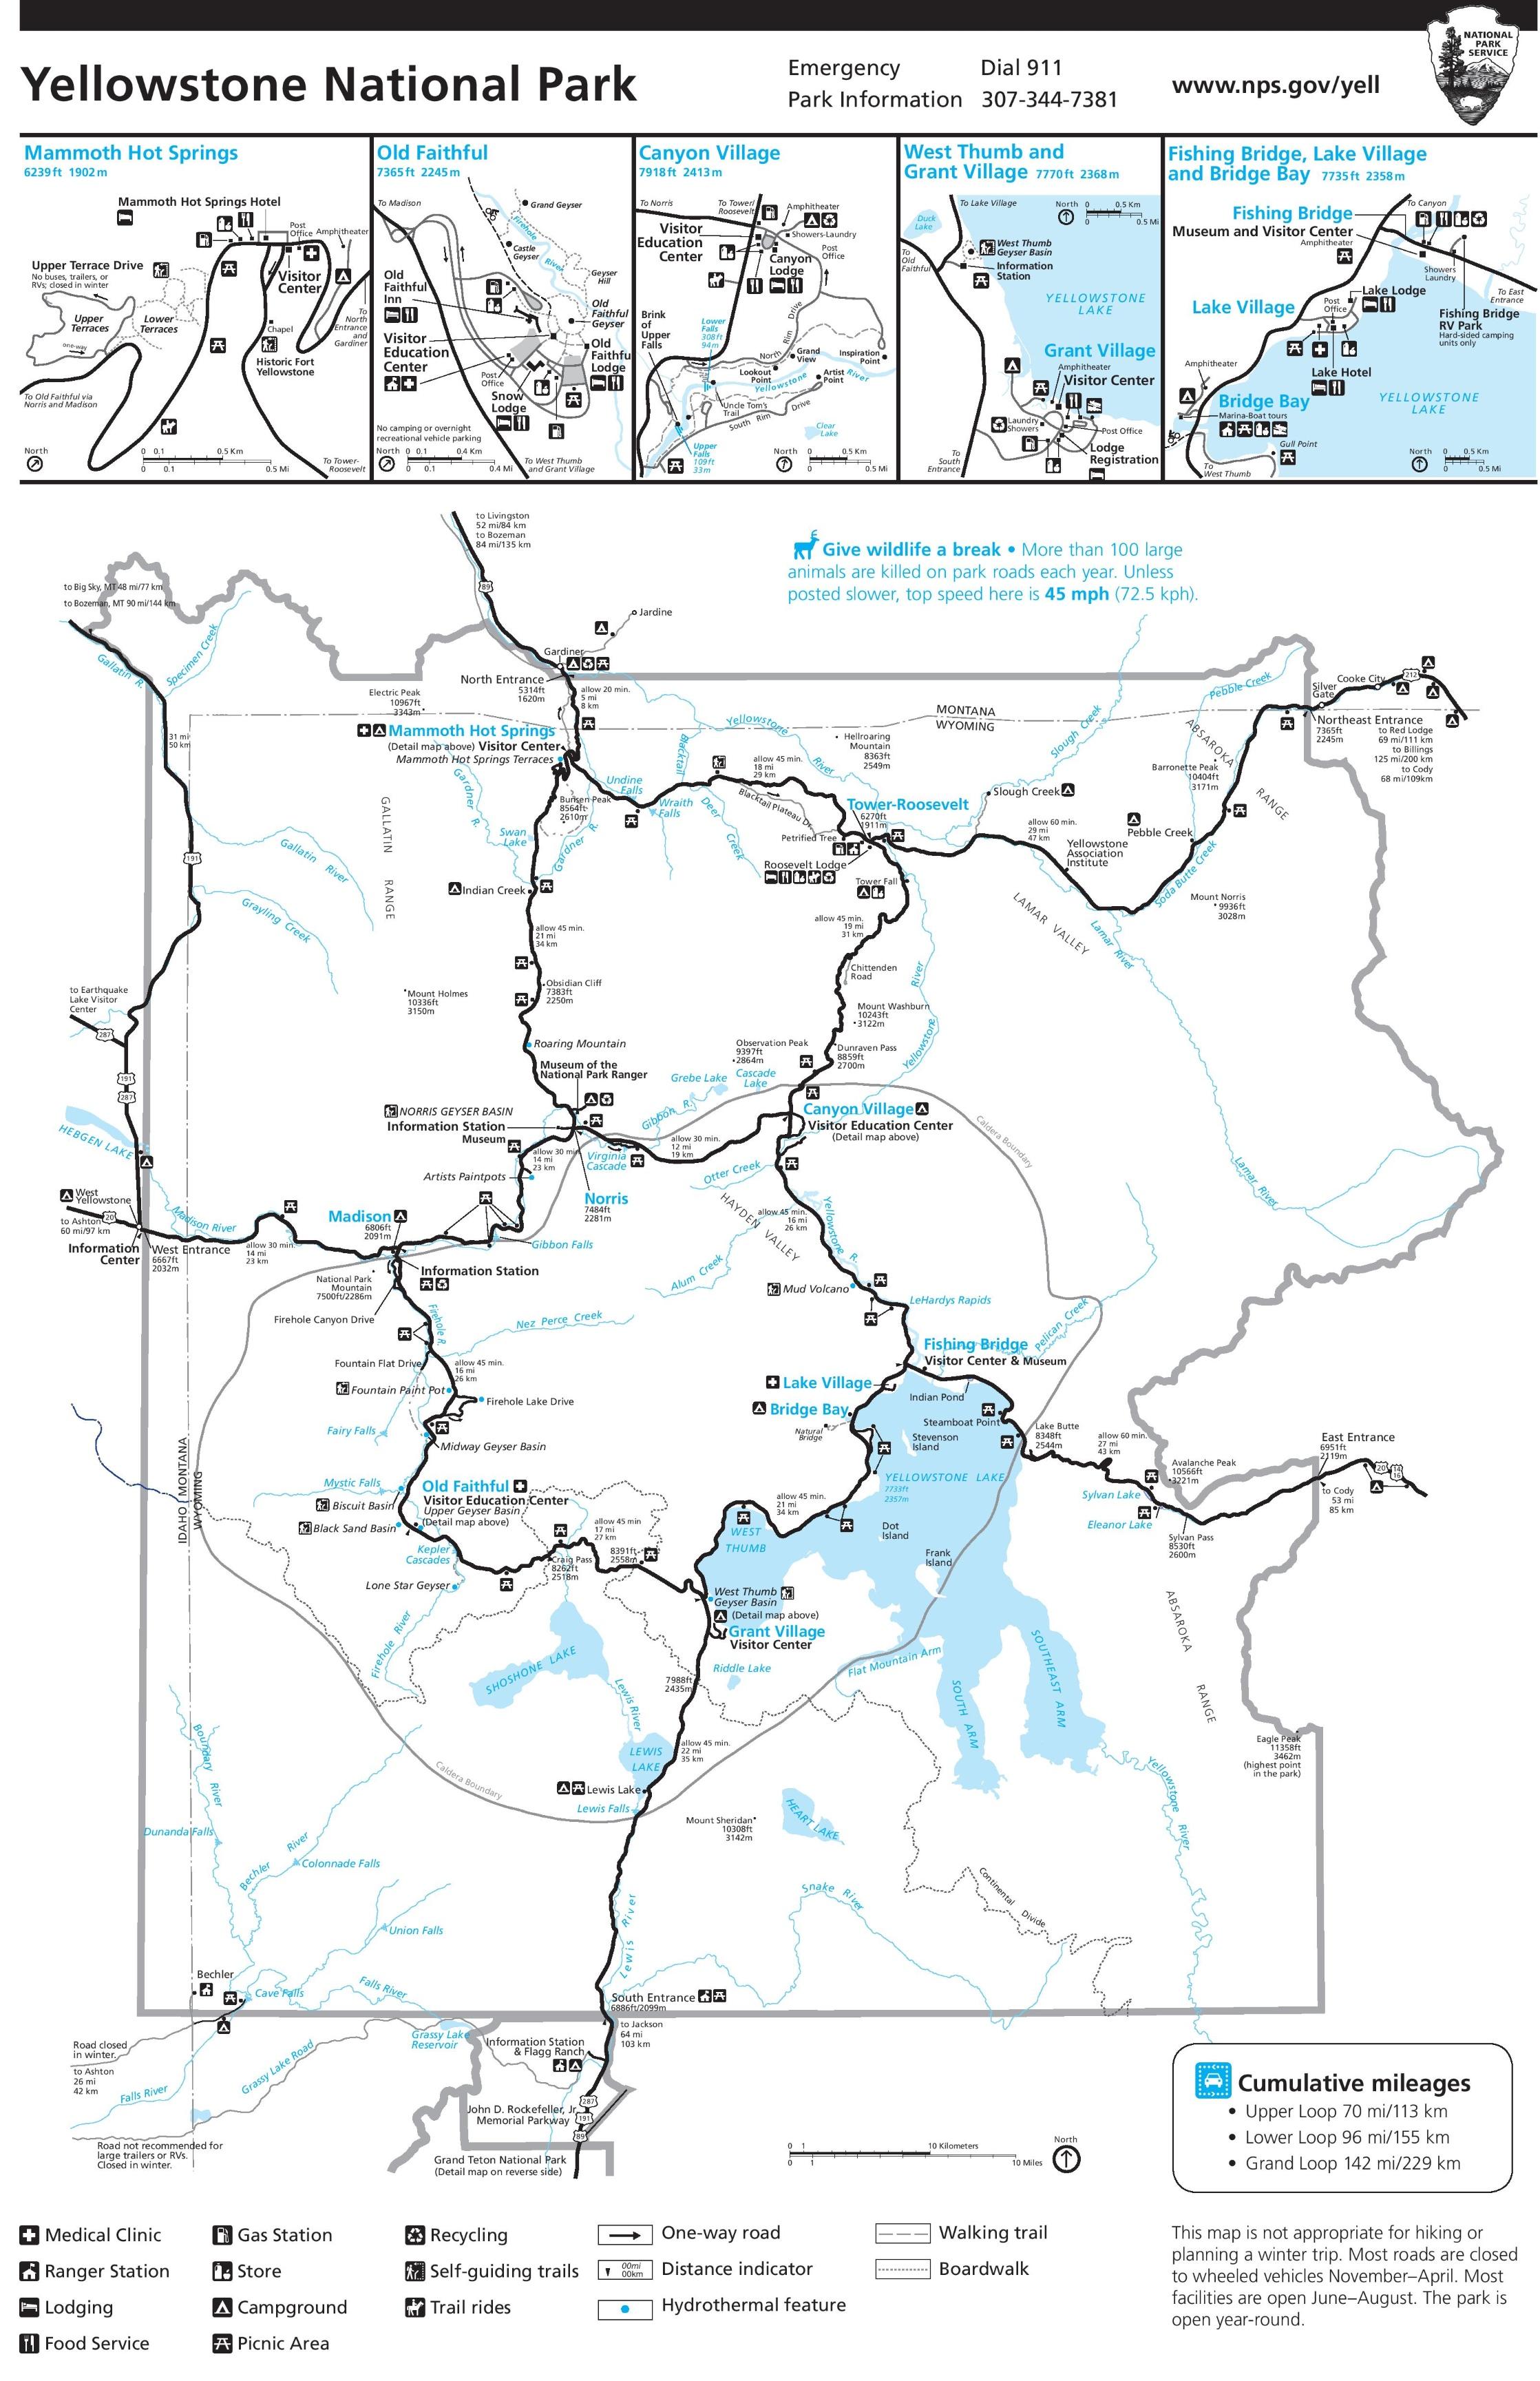 Yellowstone trail map